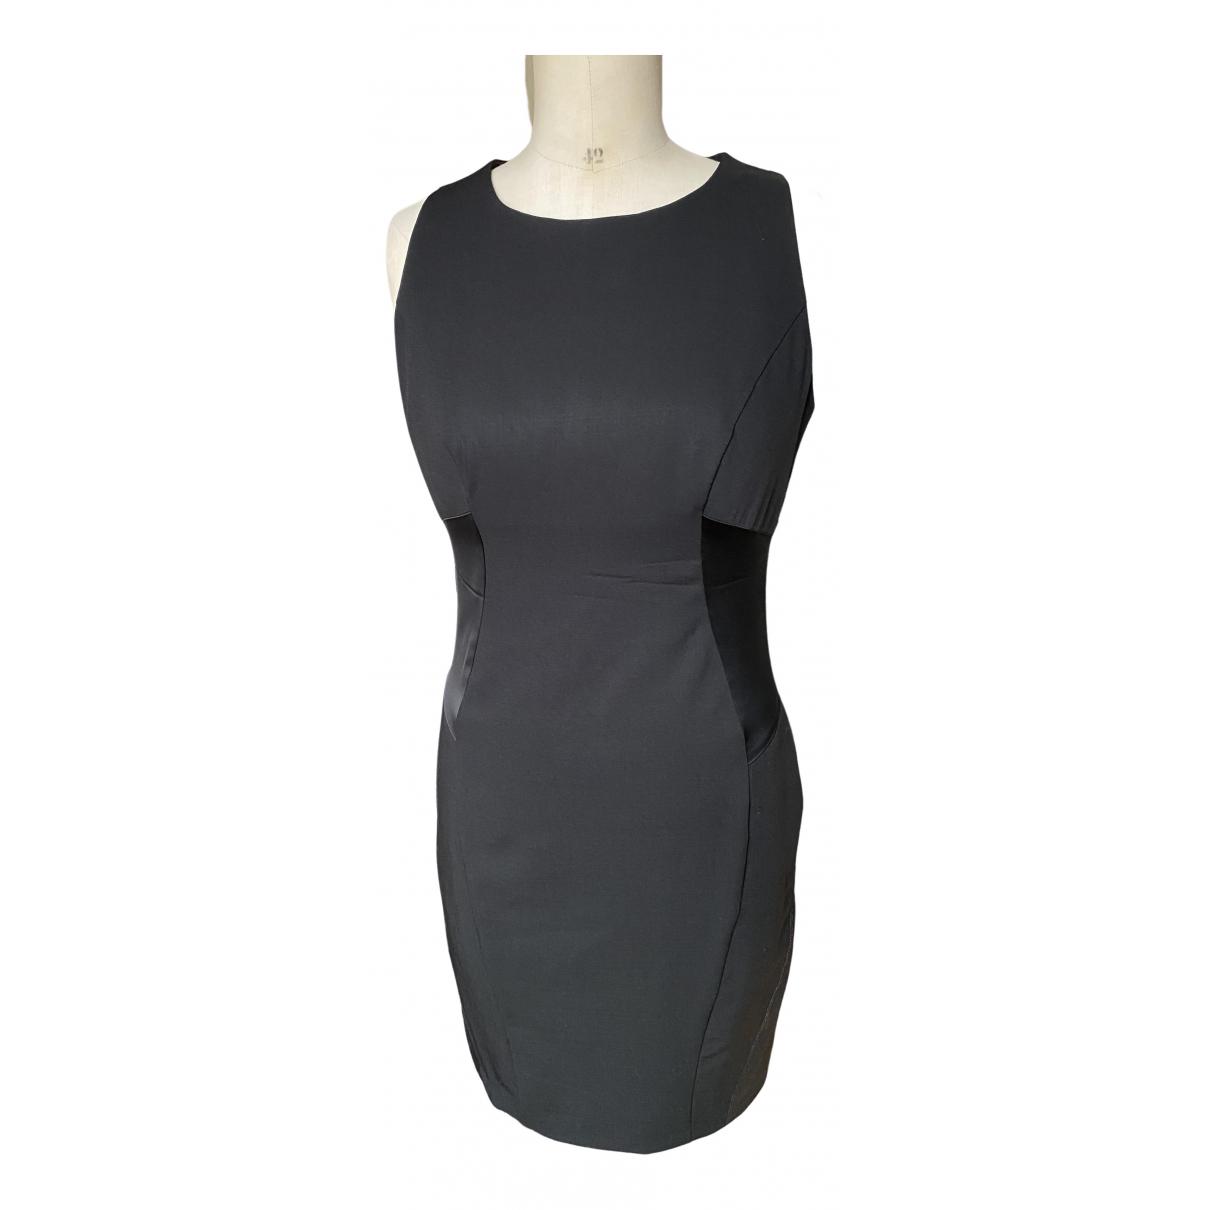 Pinko \N Black dress for Women 40 FR